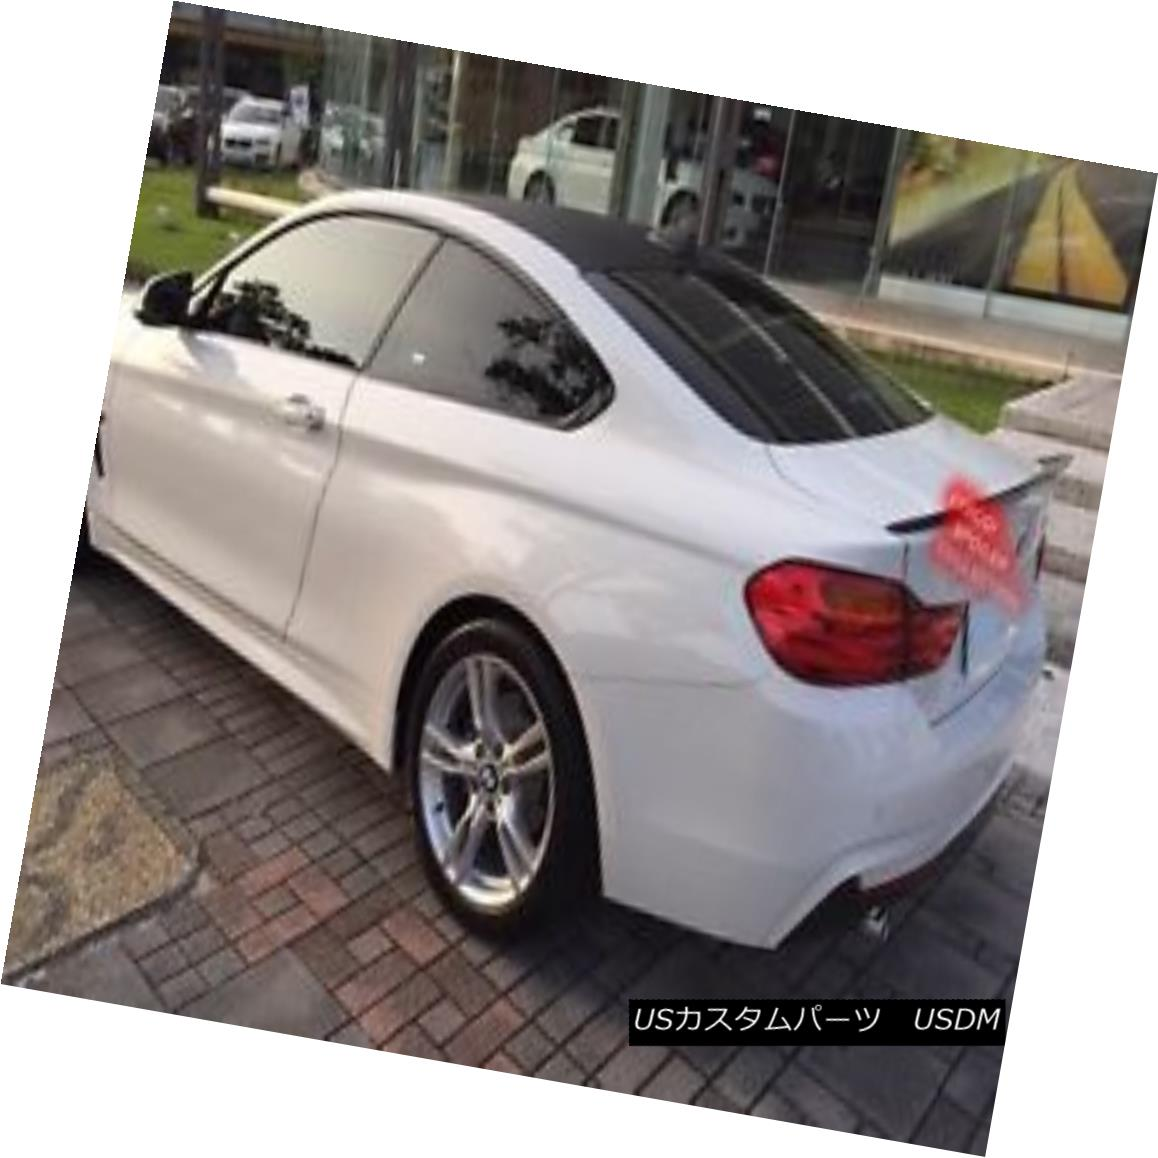 エアロパーツ Painted BMW F32 4-series coupe performance type trunk spoiler color:668 ◎ ペイントされたBMW F32 4シリーズクーペパフォーマンスタイプのトランクスポイラーの色:668?